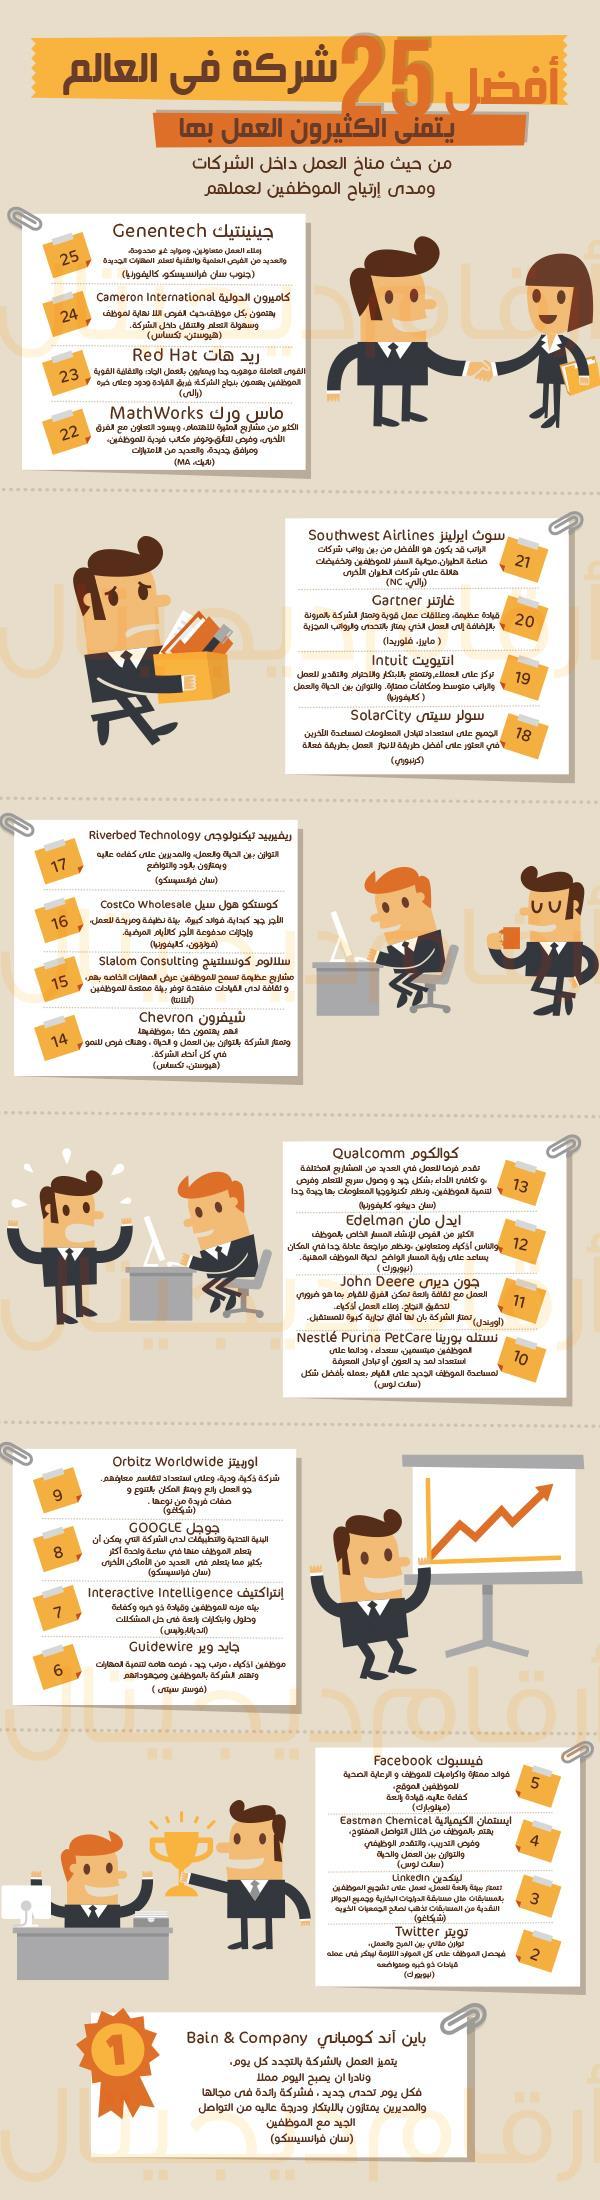 ارقام ديجيتال انفوغراف افضل 25 شركة يتمنى الكثيرون العمل بها Bain Company Digital Marketing Business Marketing